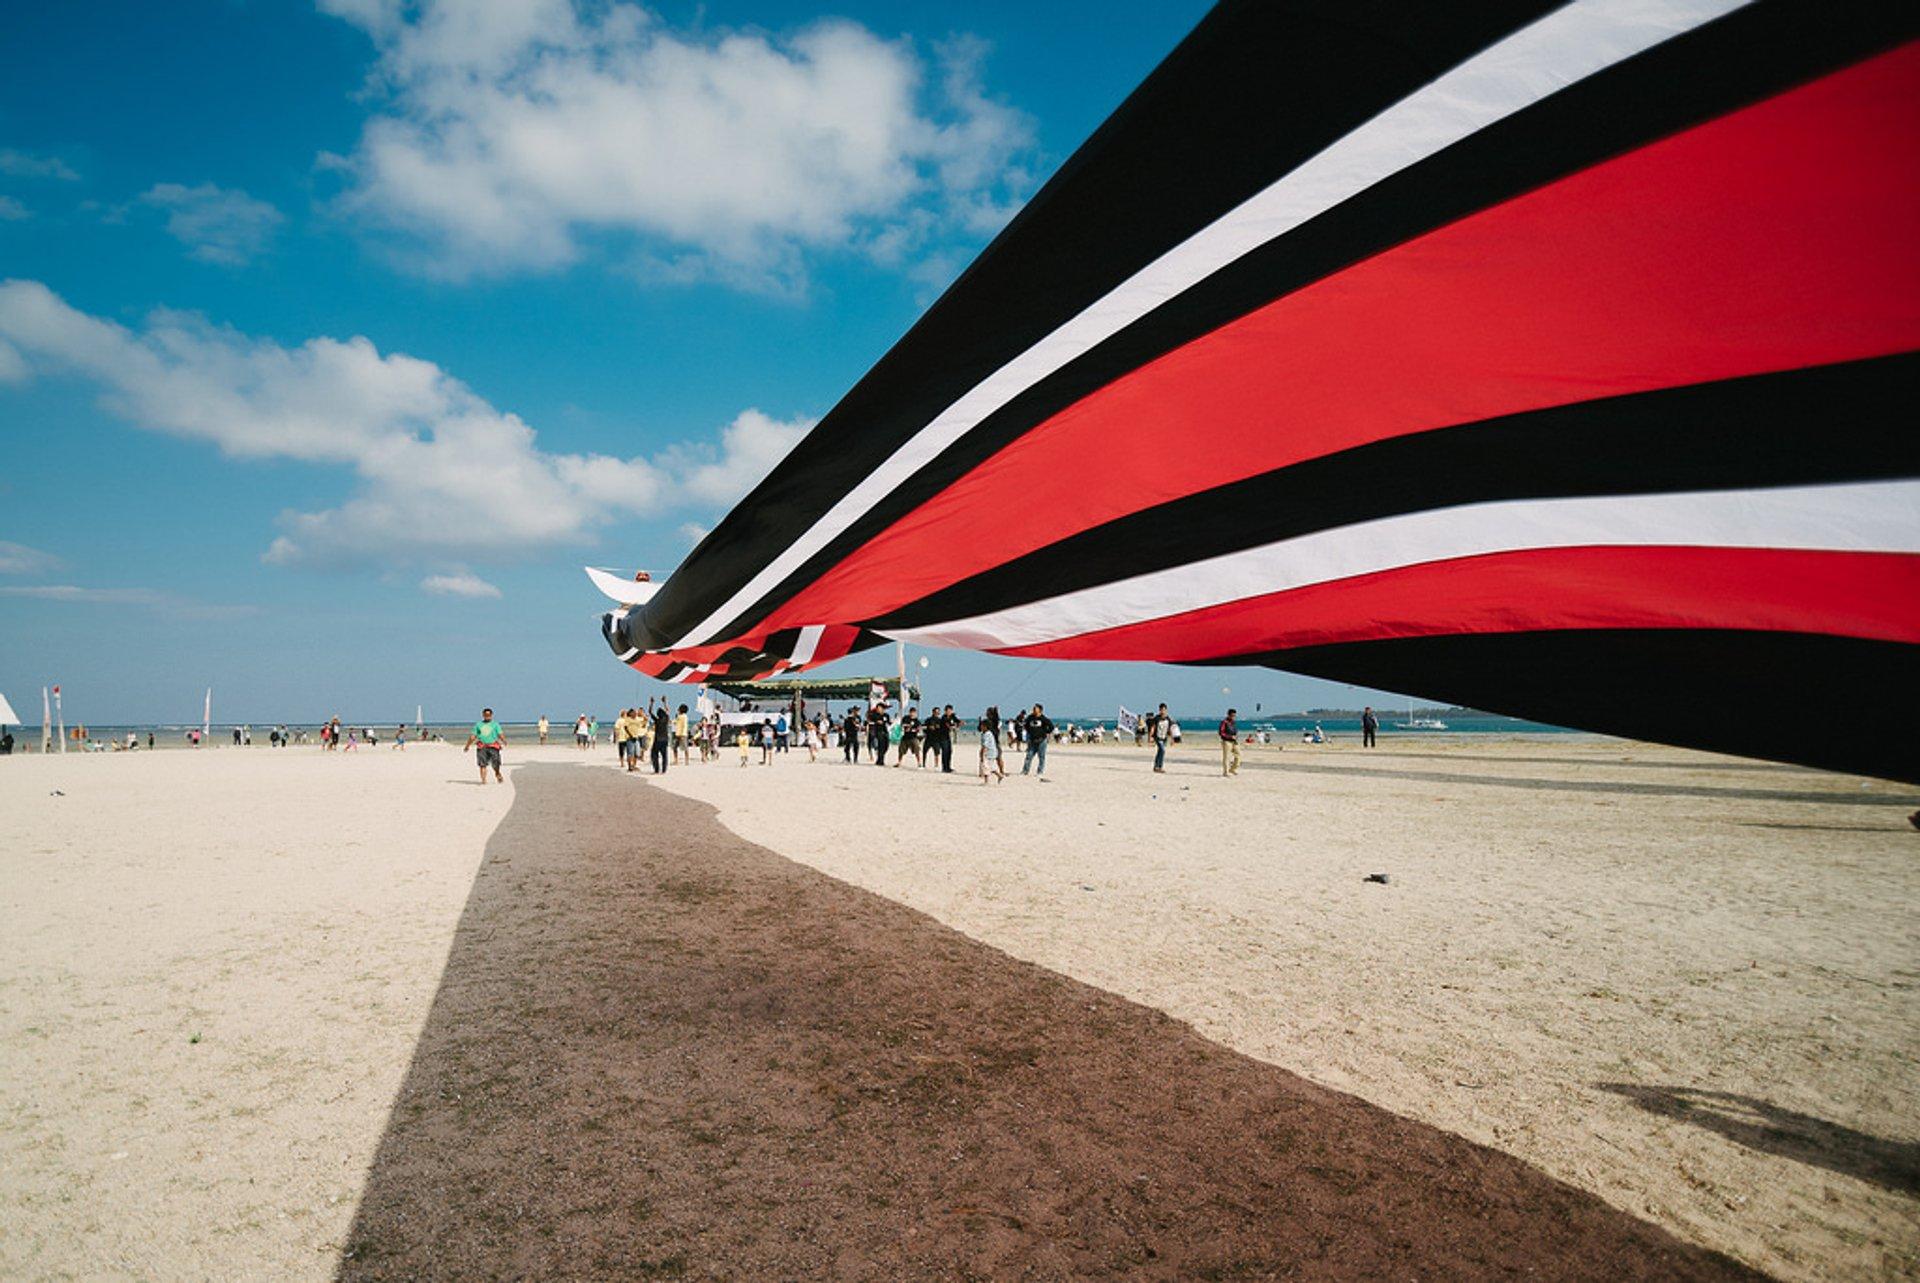 Bali Kite Festival in Bali - Best Season 2019